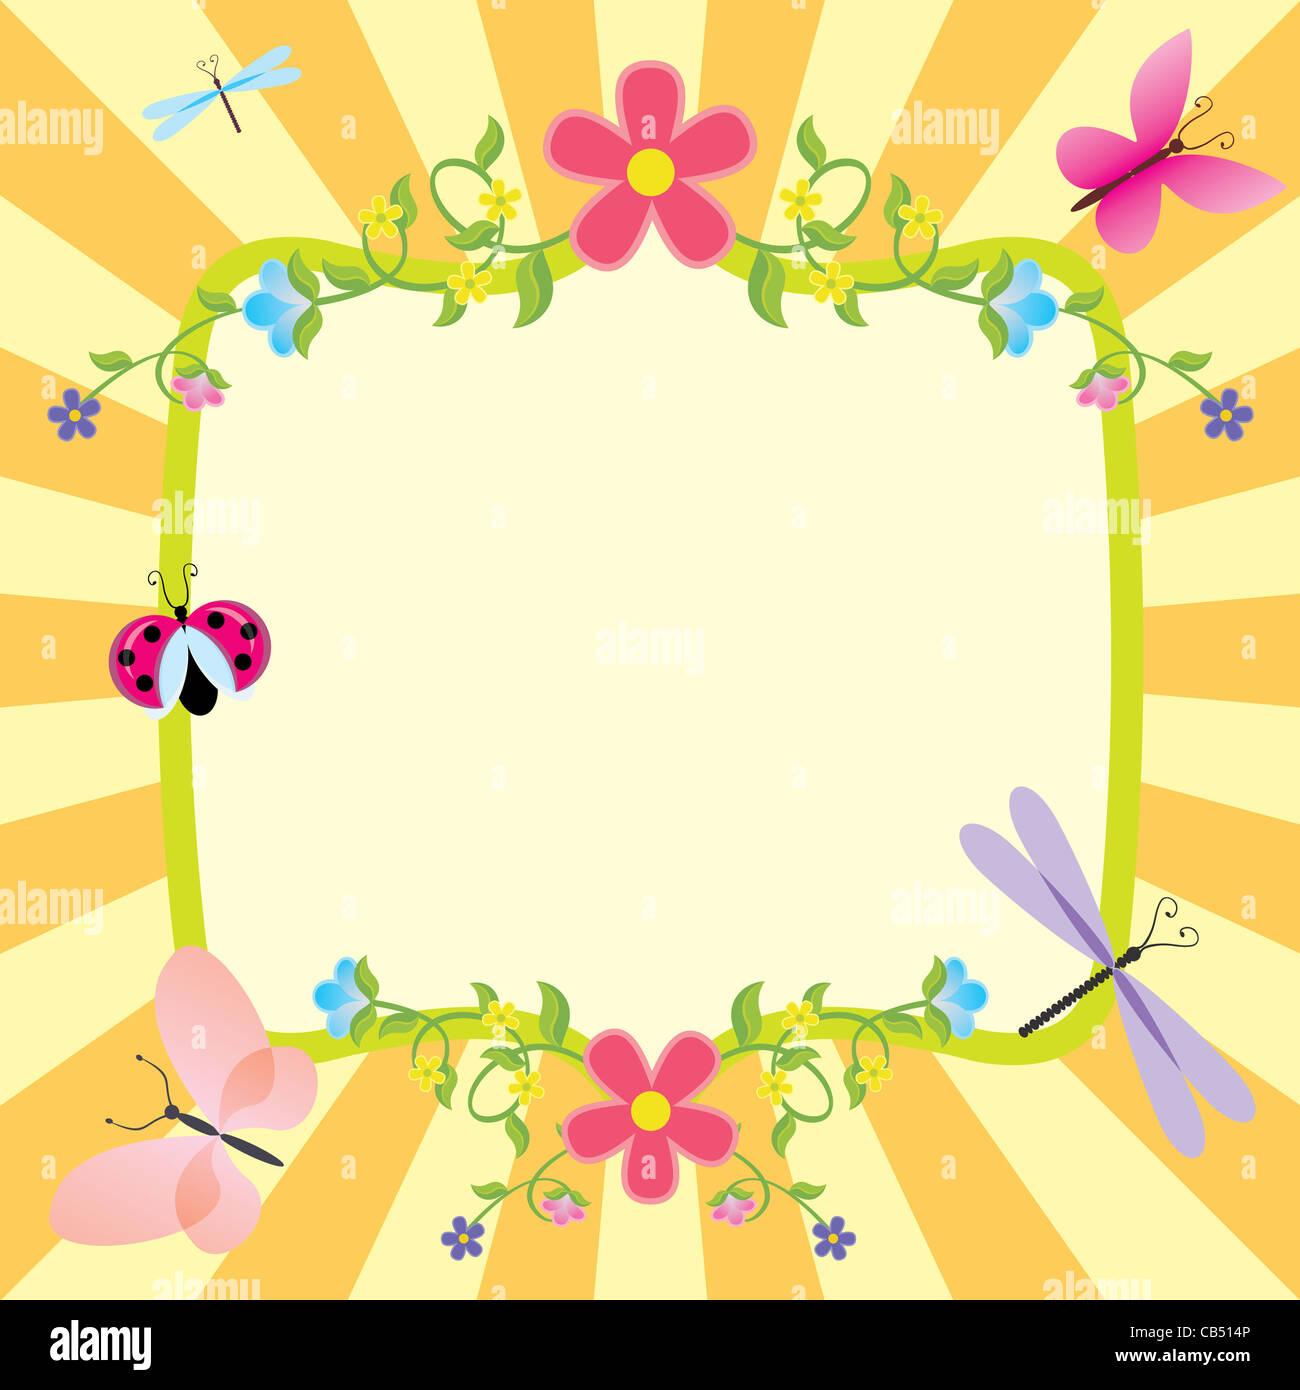 Cartoon-Frame Sommer oder Frühling Ostern Stockbild